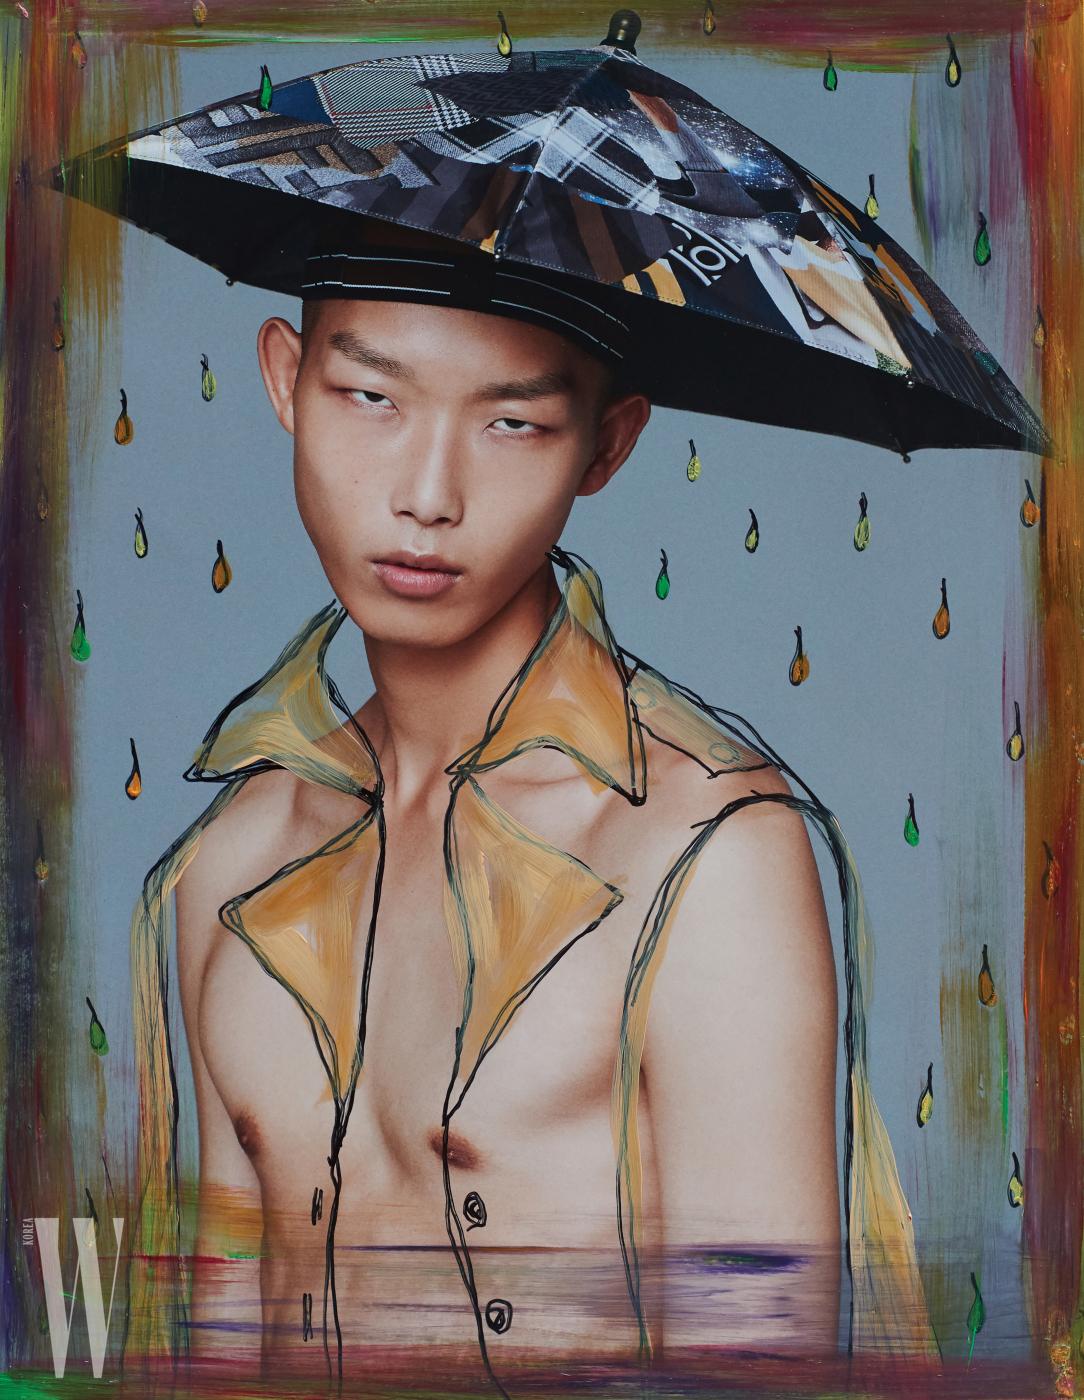 위트 있는 우산 형태의 모자는 Fendi 제품.